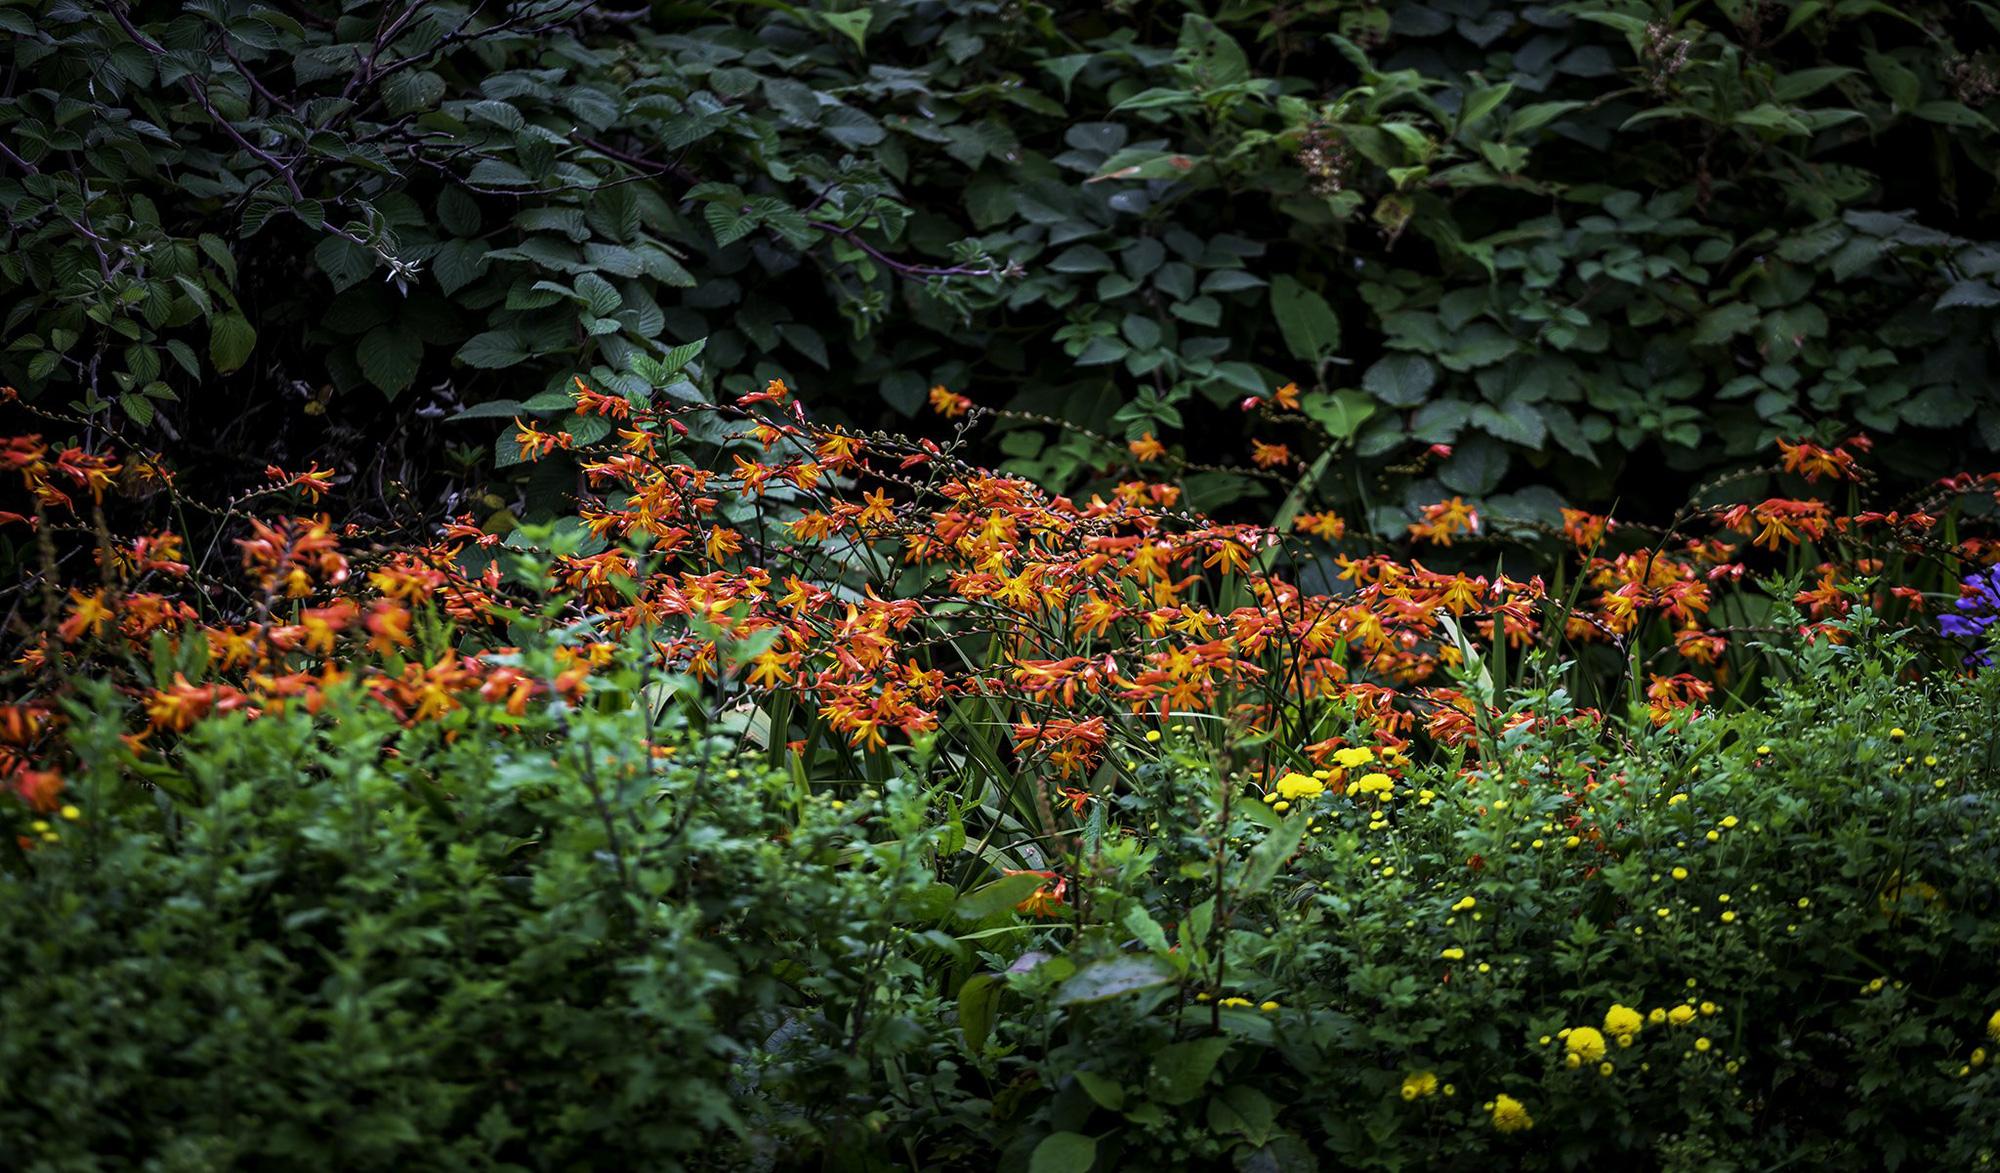 Mênh mông sắc vàng cam của hoa dơn lúa đẹp kiêu sa trên đỉnh Fansipan - Ảnh 1.